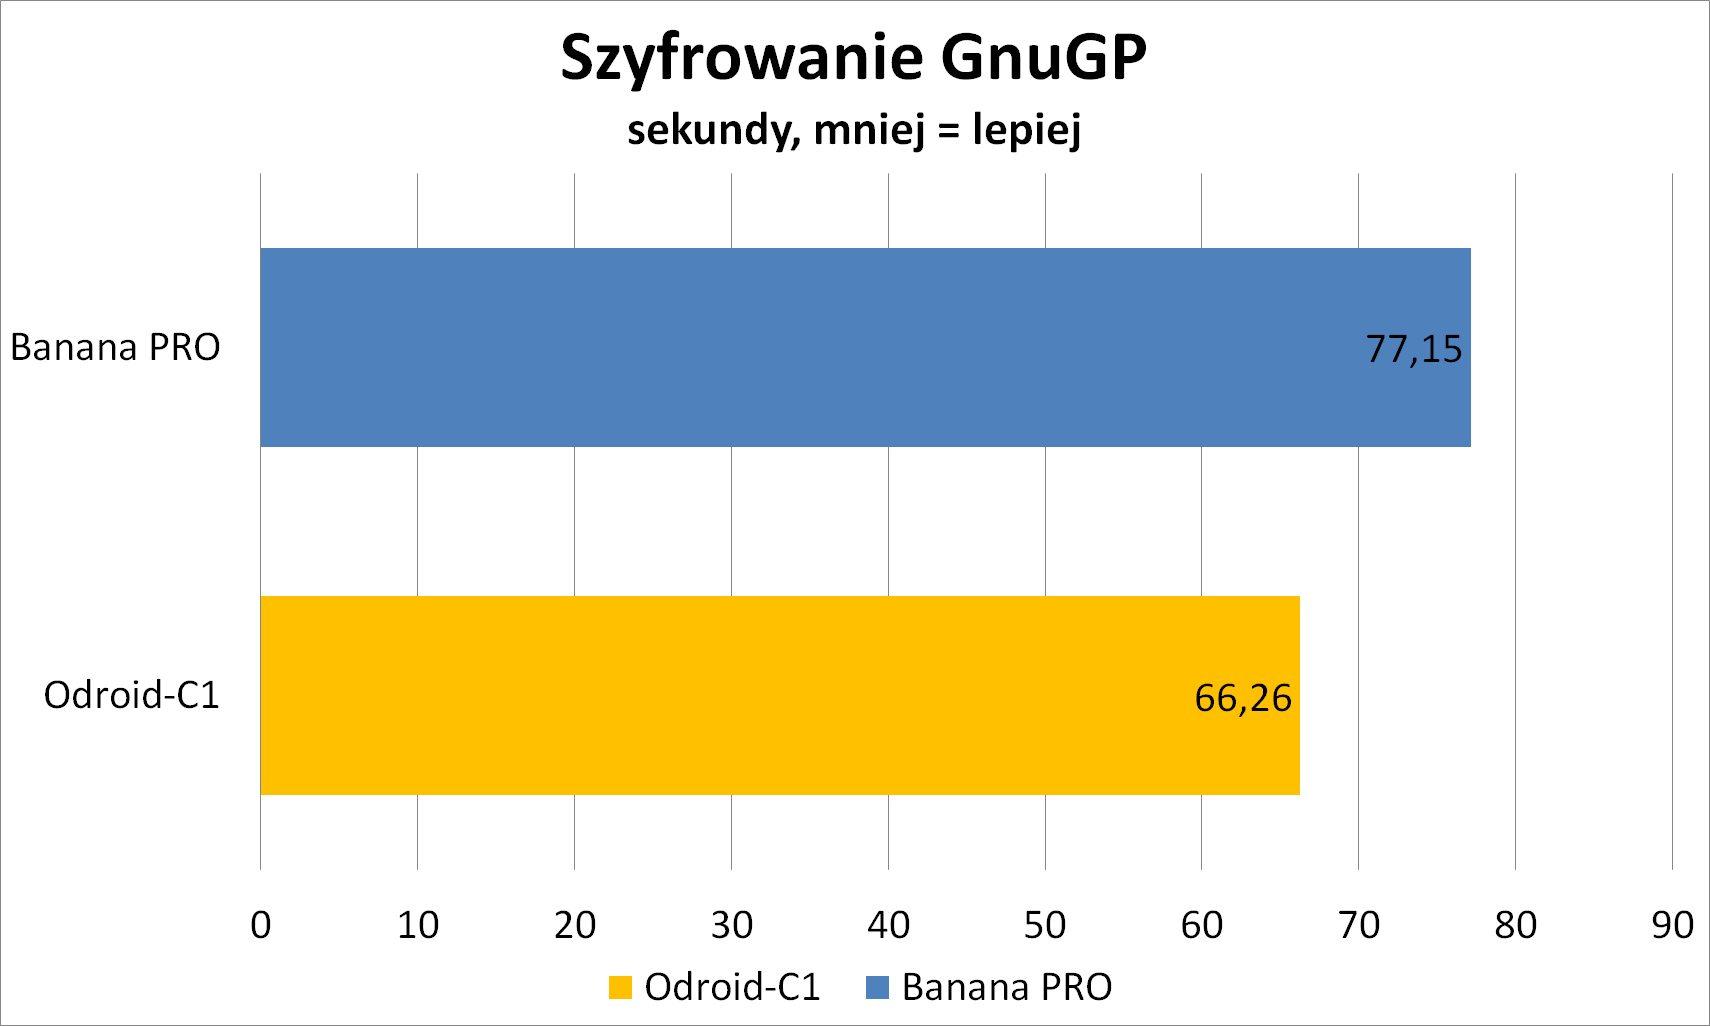 Banana Pro i ODROID-C1